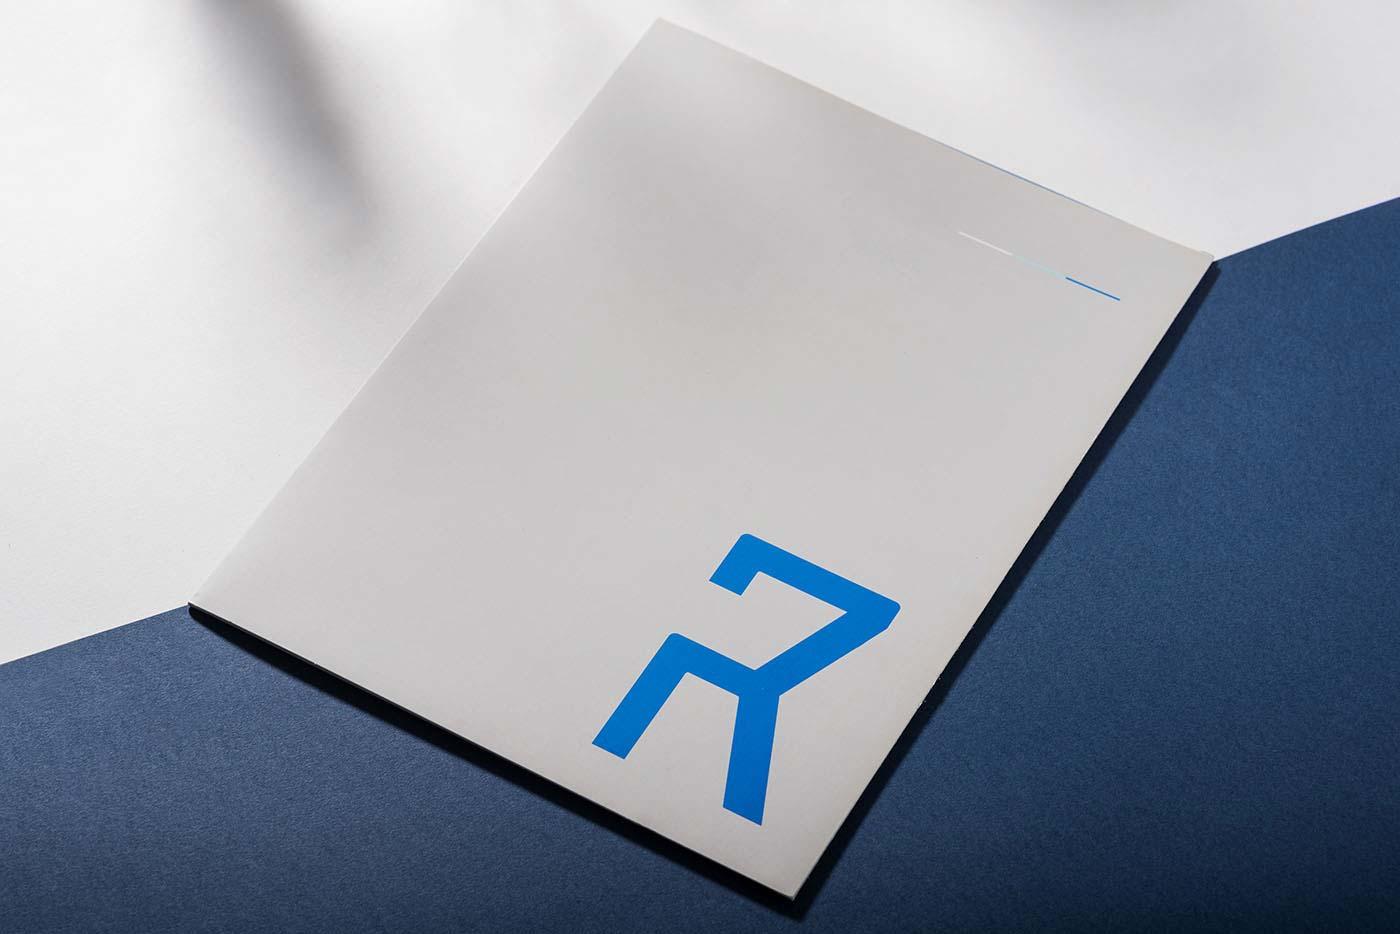 sxediasmos etairikou folder